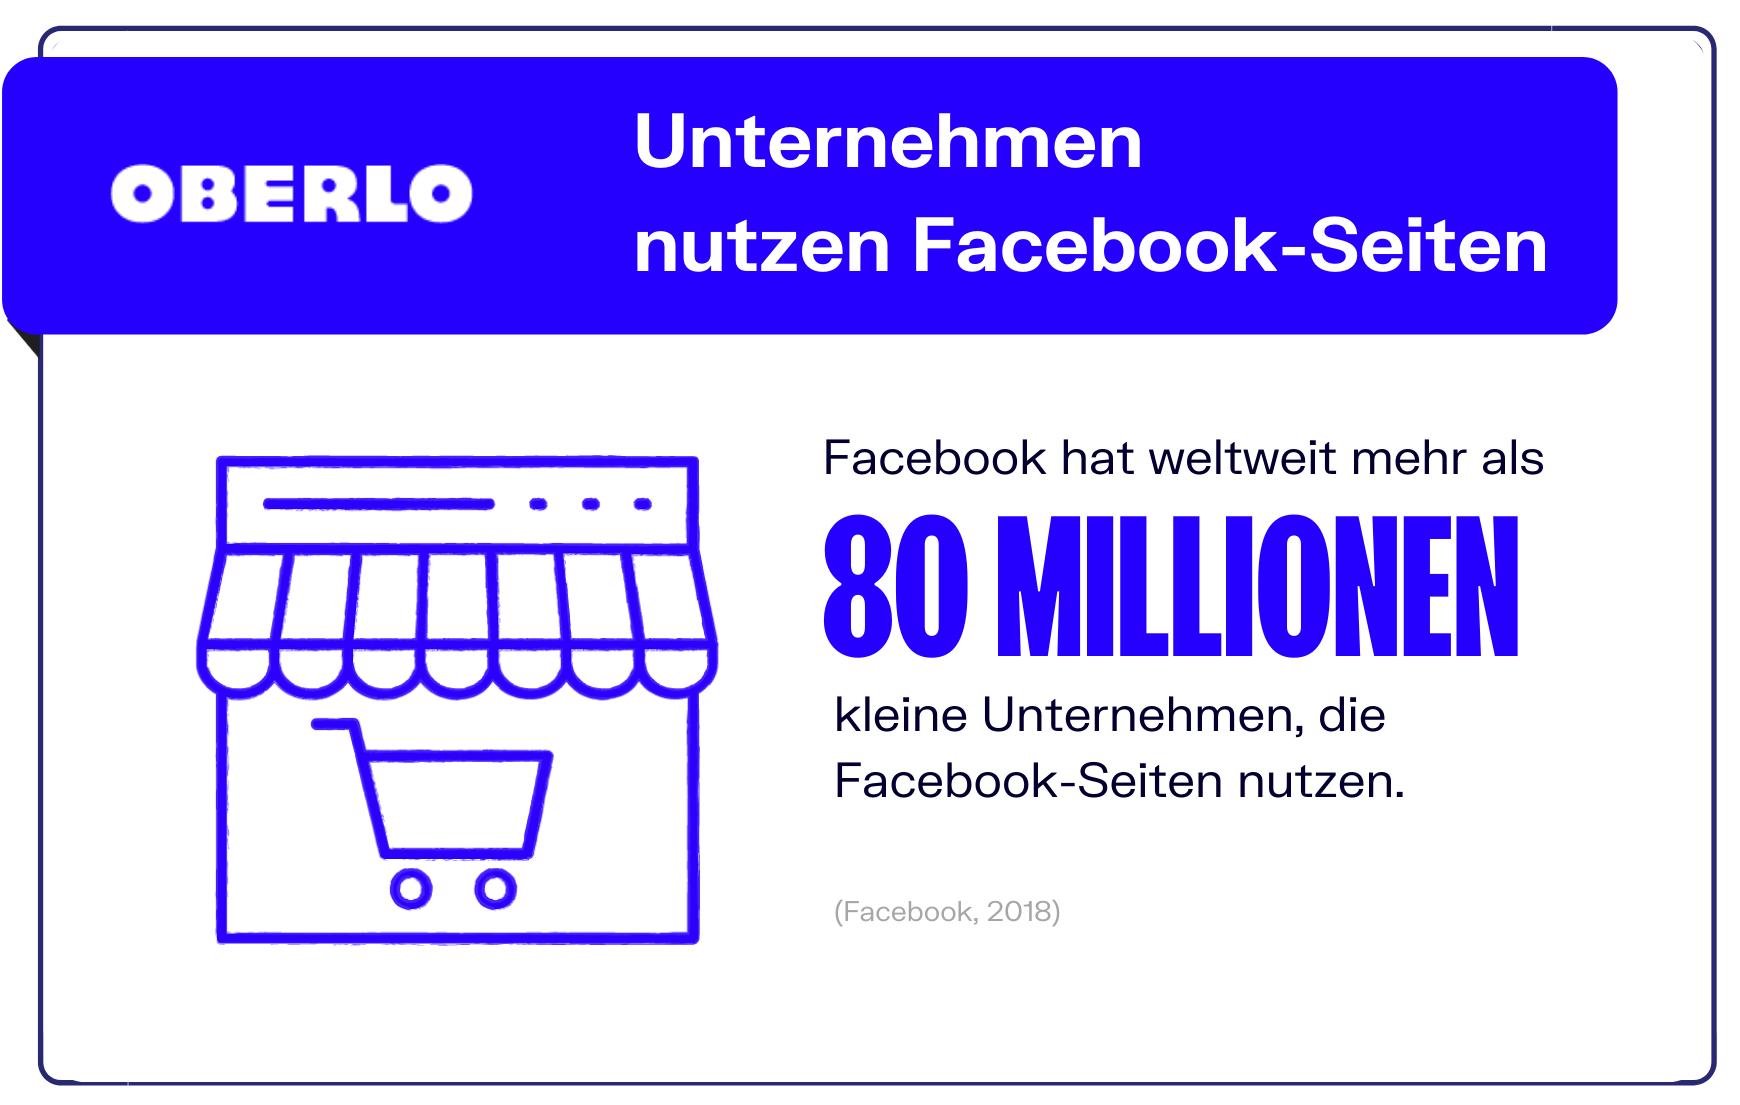 Hat mitglieder weltweit viele wie facebook Netzwerk: Wie